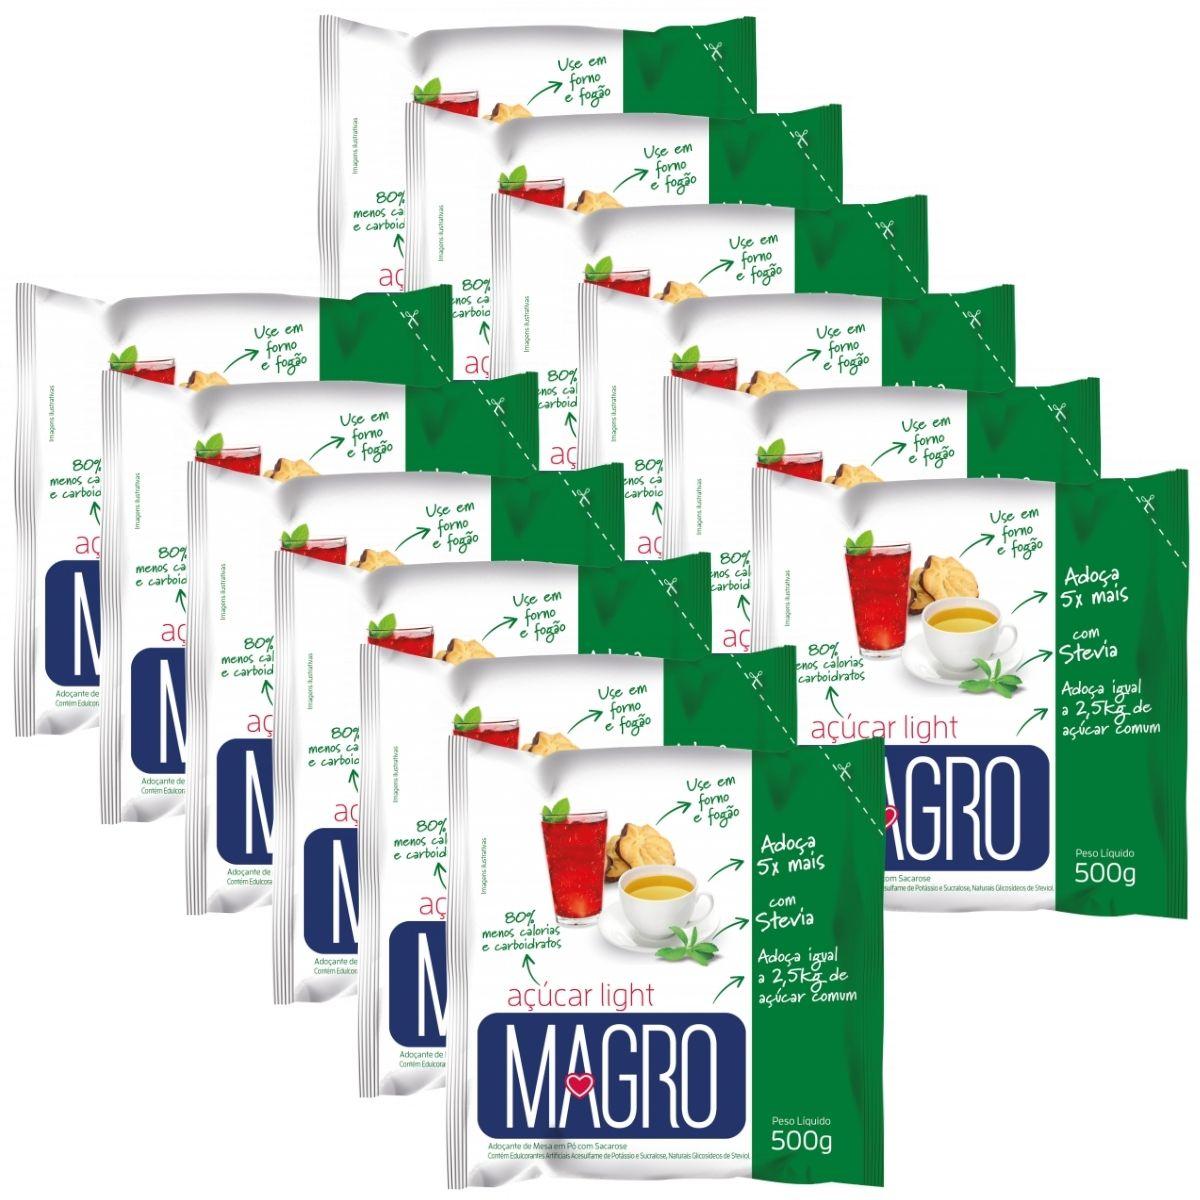 Kit 12 Açúcar Light Magro Com Stevia 500g - Forno e Fogão